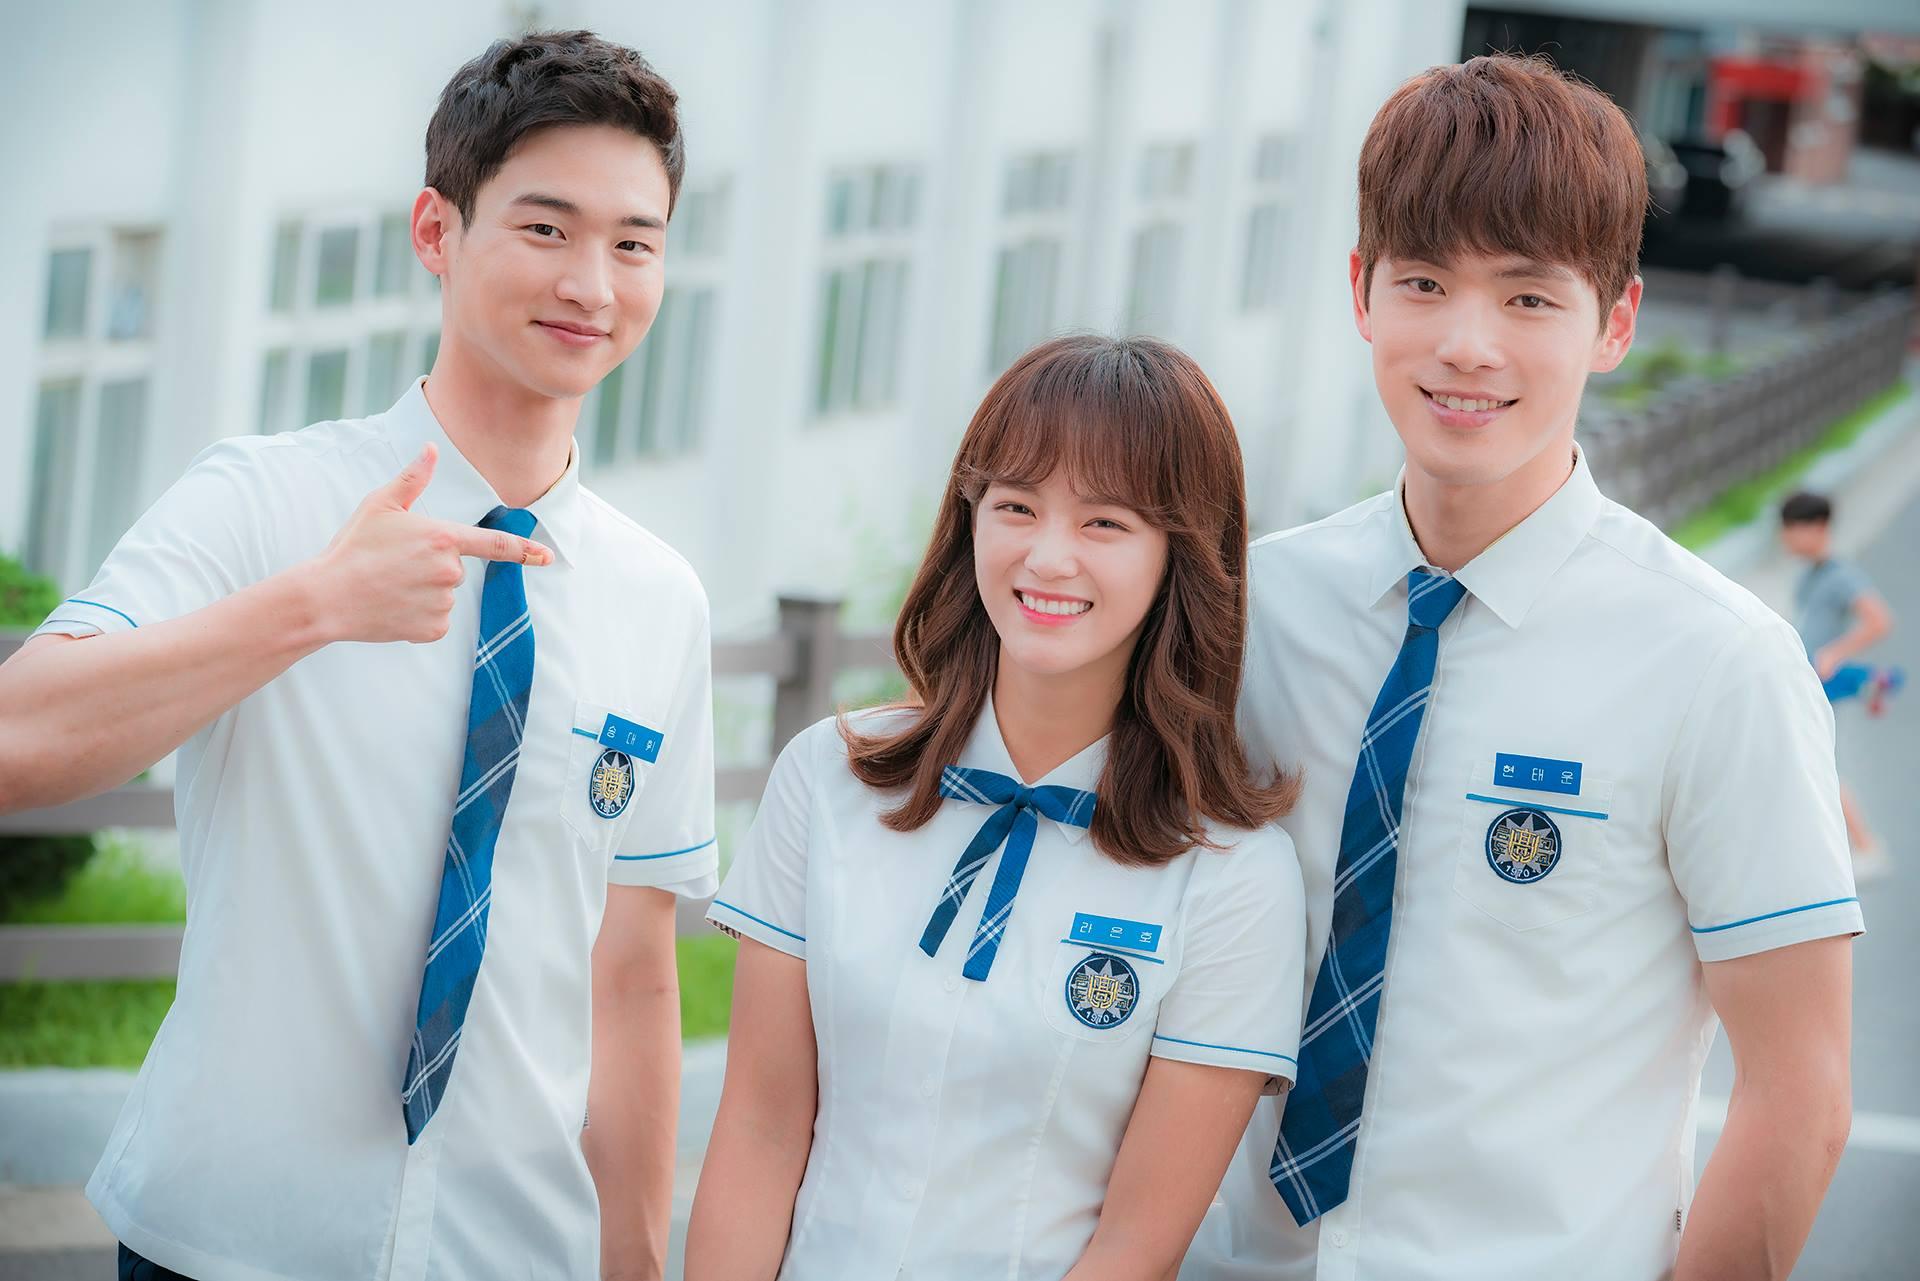 ✿TOP 3 - KBS《學校2017》 話題佔有率:7.08%  ➔上升2個名次 ※由金世正、金正鉉、張東尹等人主演,此劇講述擁有很多秘密和想法的18歲高中生們燦爛成長的故事。此劇也是KBS《學校》系列第7部作品。